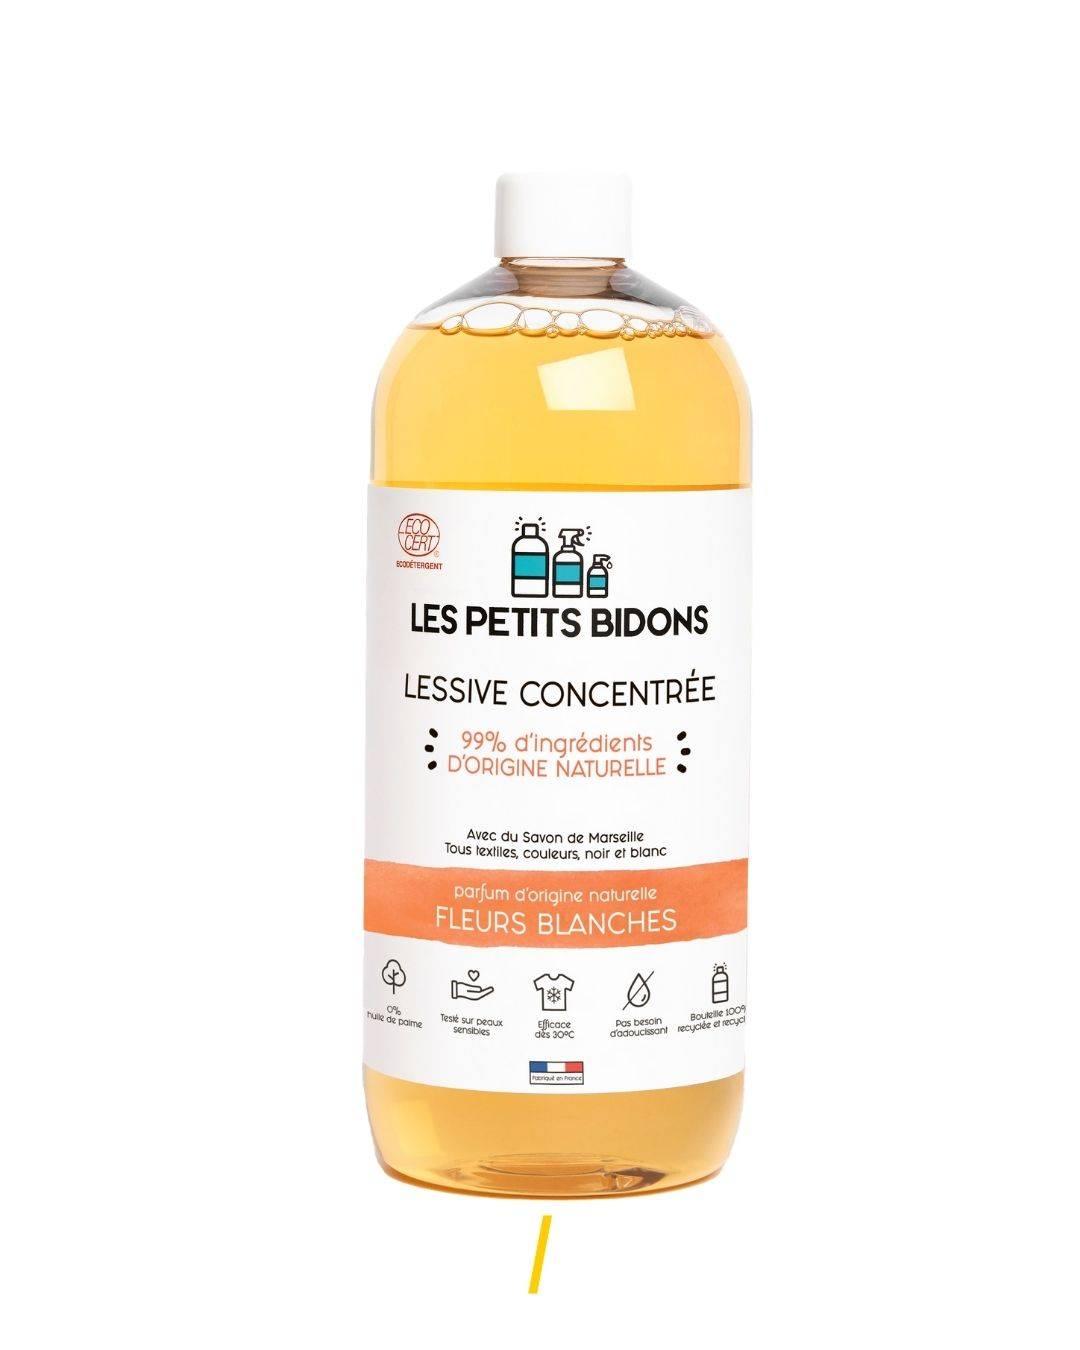 Lessive écologique Fleurs Blanches - The trust society - Les petits bidons